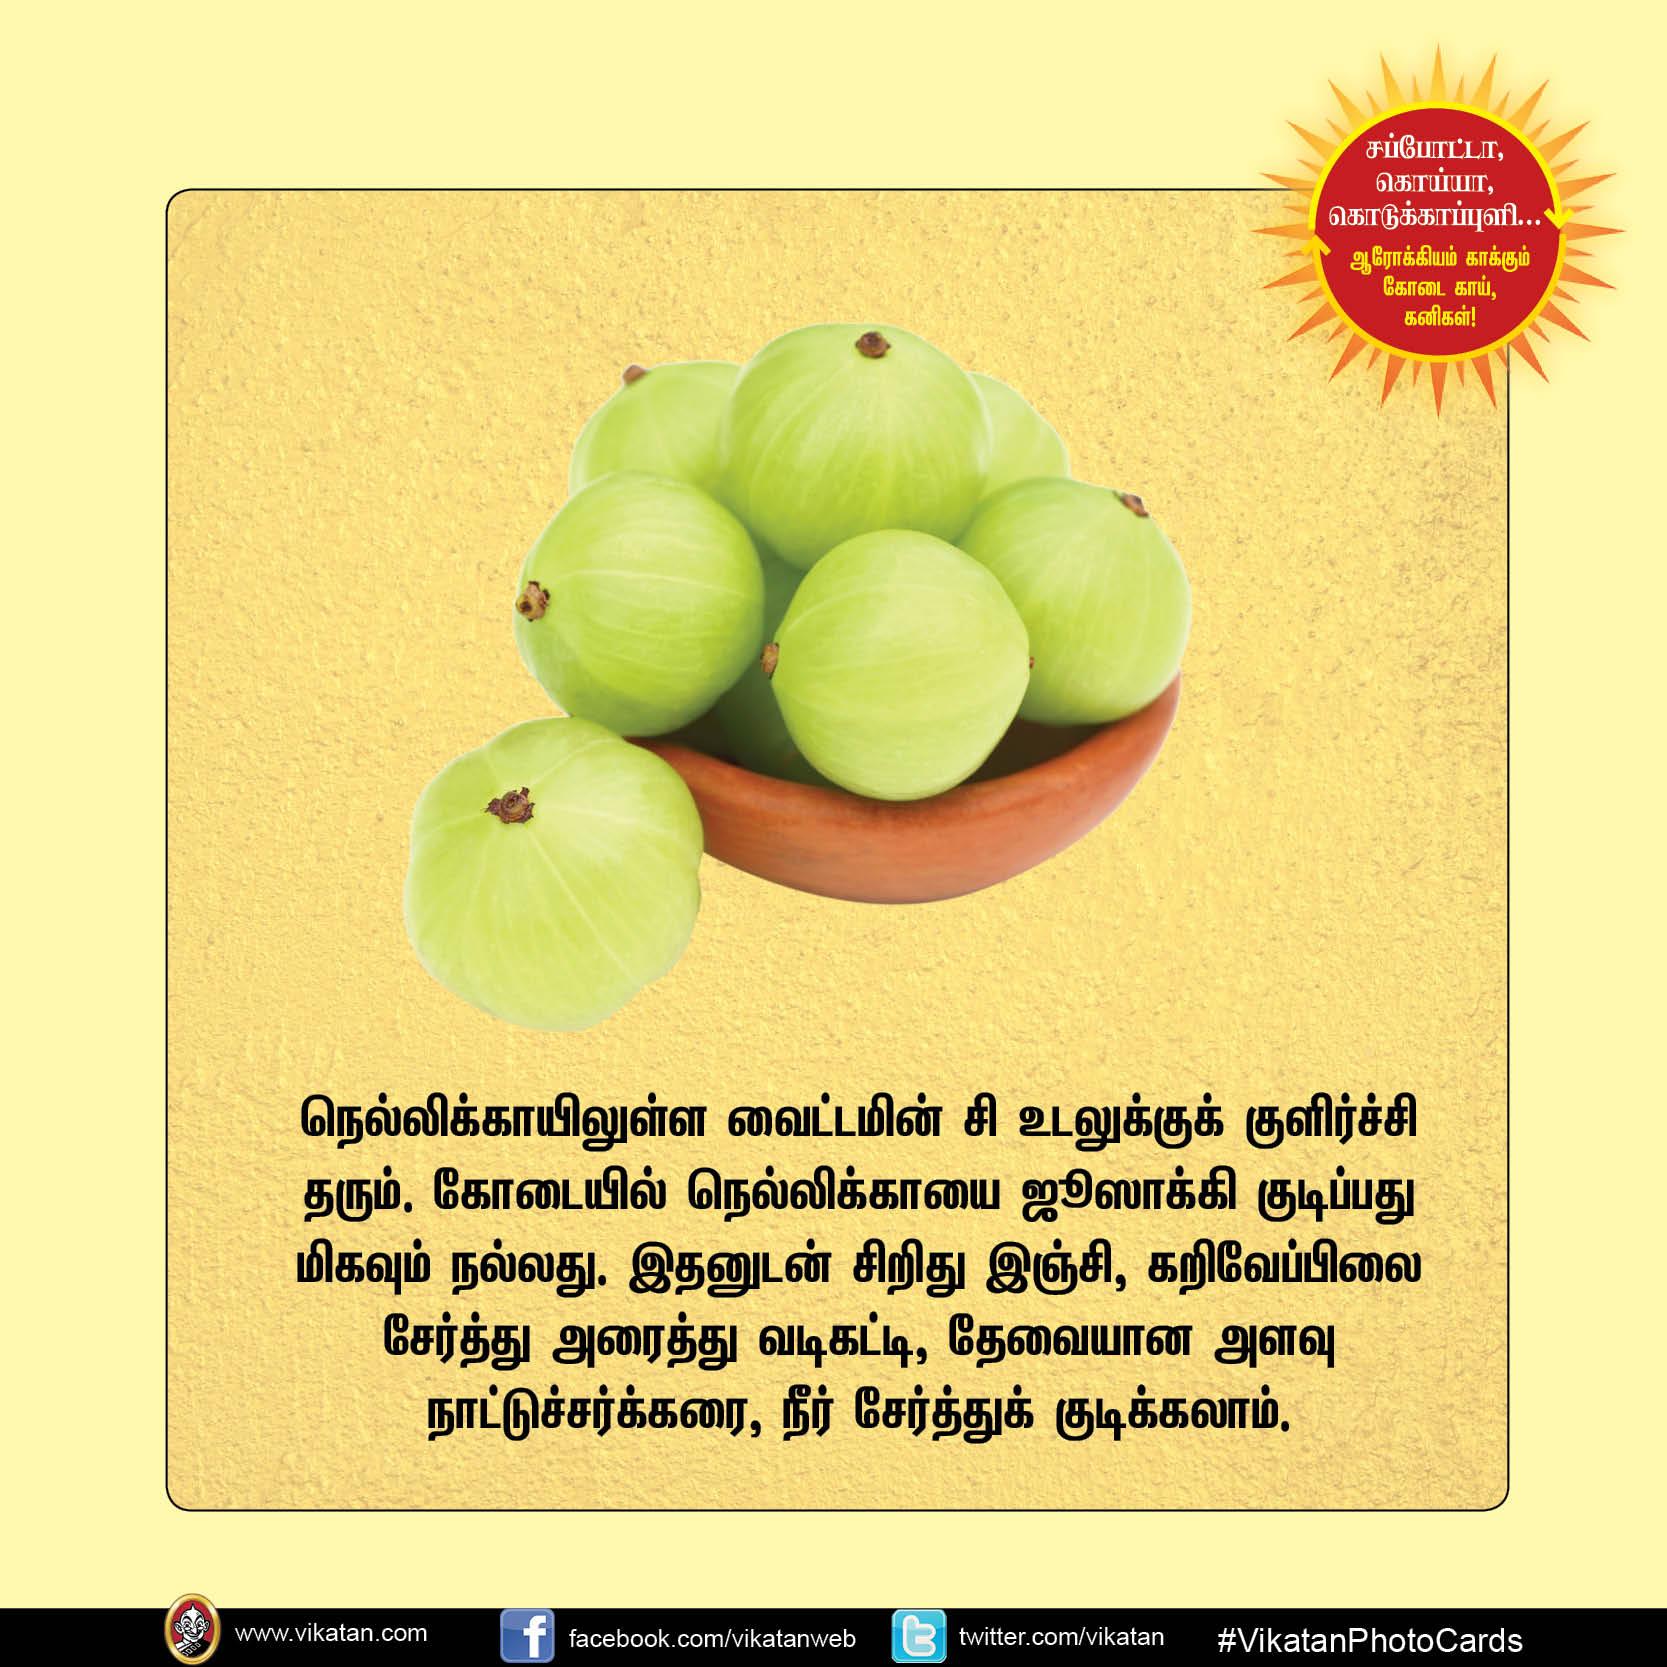 சப்போட்டா, கொய்யா, கொடுக்காப்புளி... ஆரோக்கியம் காக்கும் கோடை காய், கனிகள்! #VikatanPhotoCards